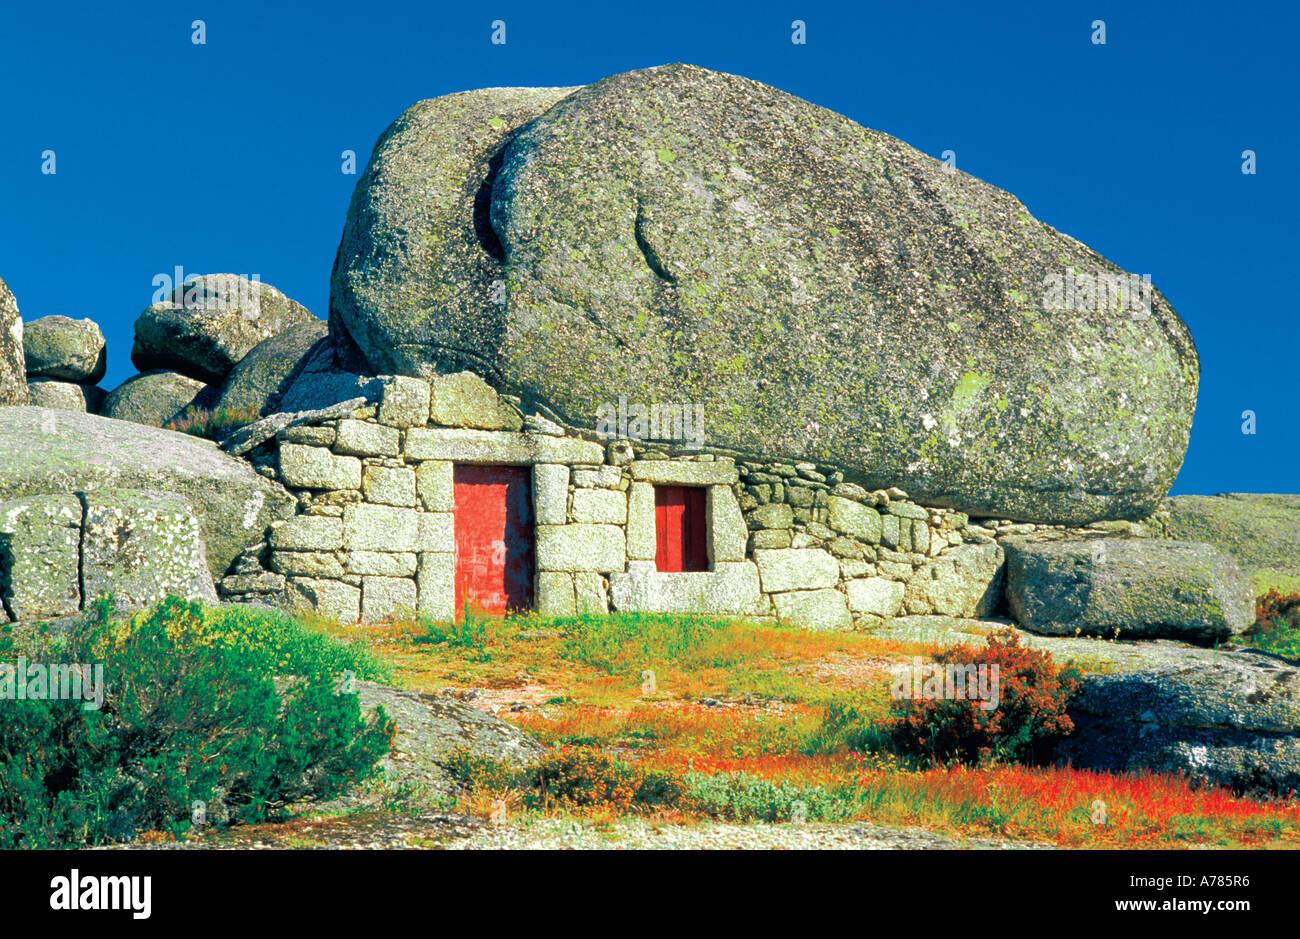 Typical granit house of the Serra da Estrela Penhas da Saude Portugal - Stock Image